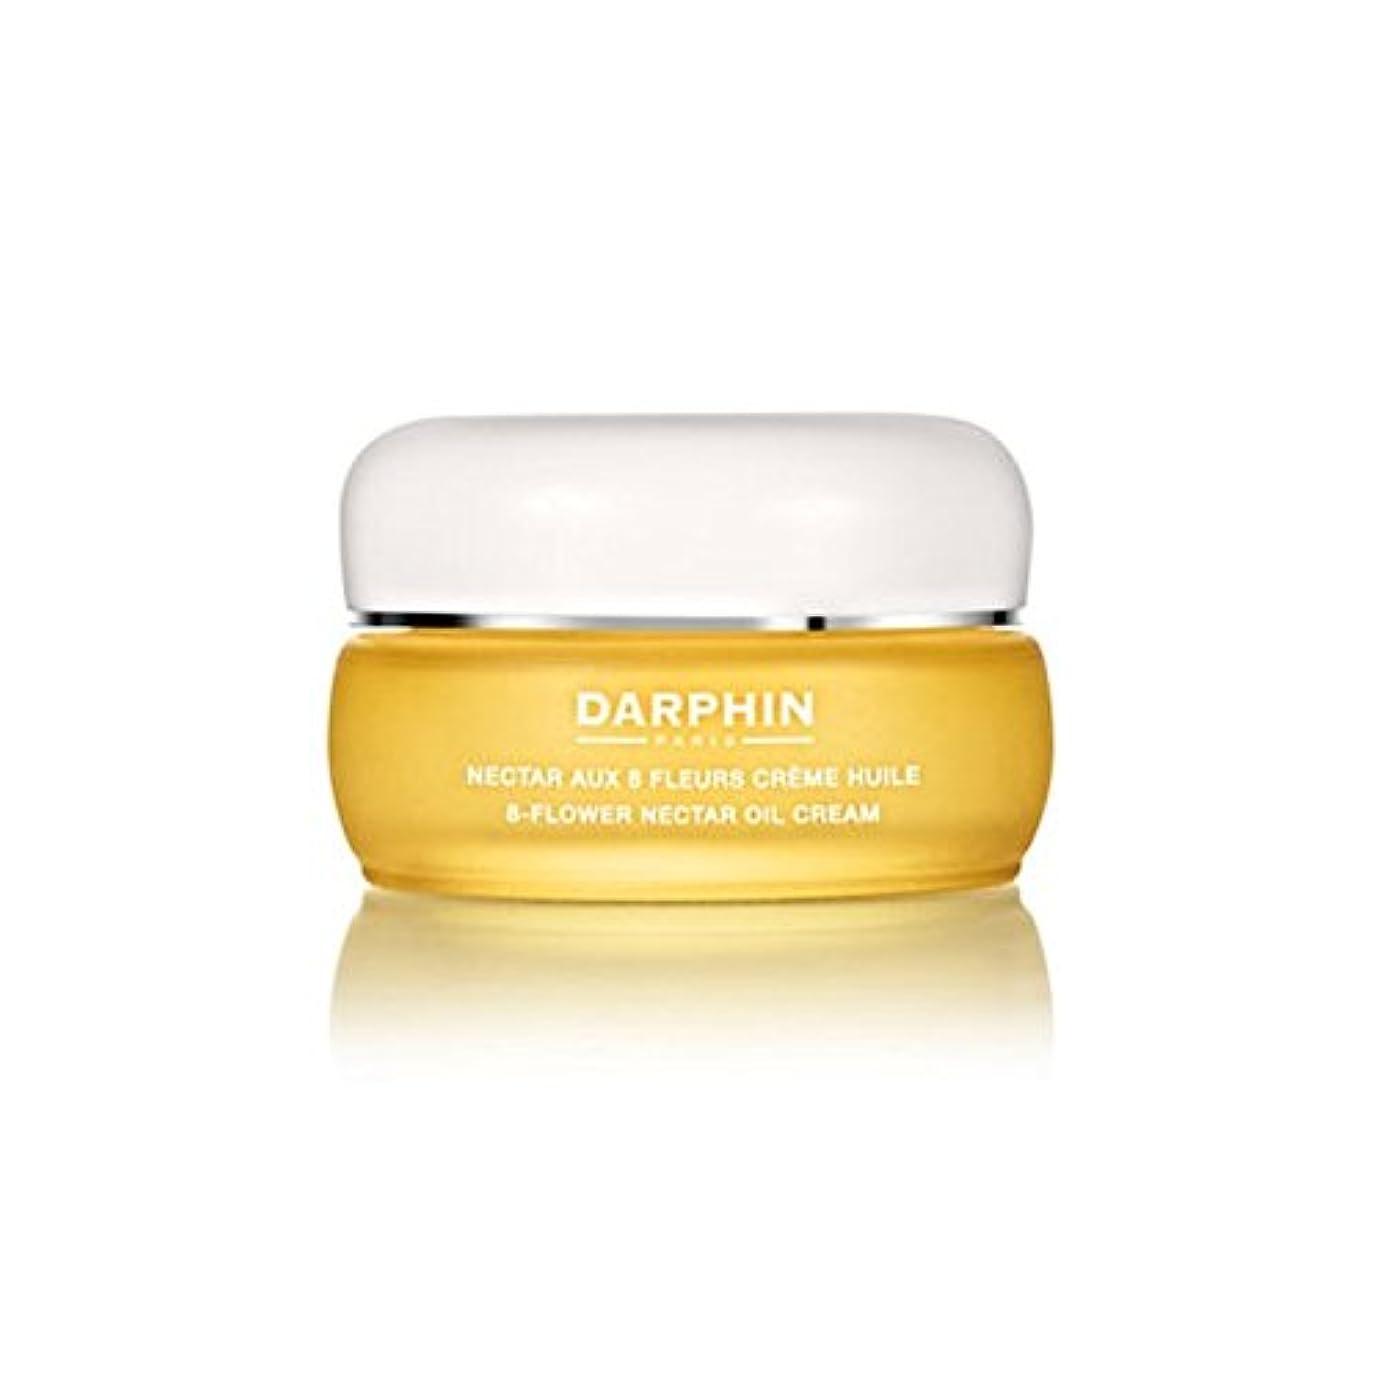 好みシーン履歴書ダルファン8フラワー油クリーム(30ミリリットル) x2 - Darphin 8-Flower Oil Cream (30ml) (Pack of 2) [並行輸入品]